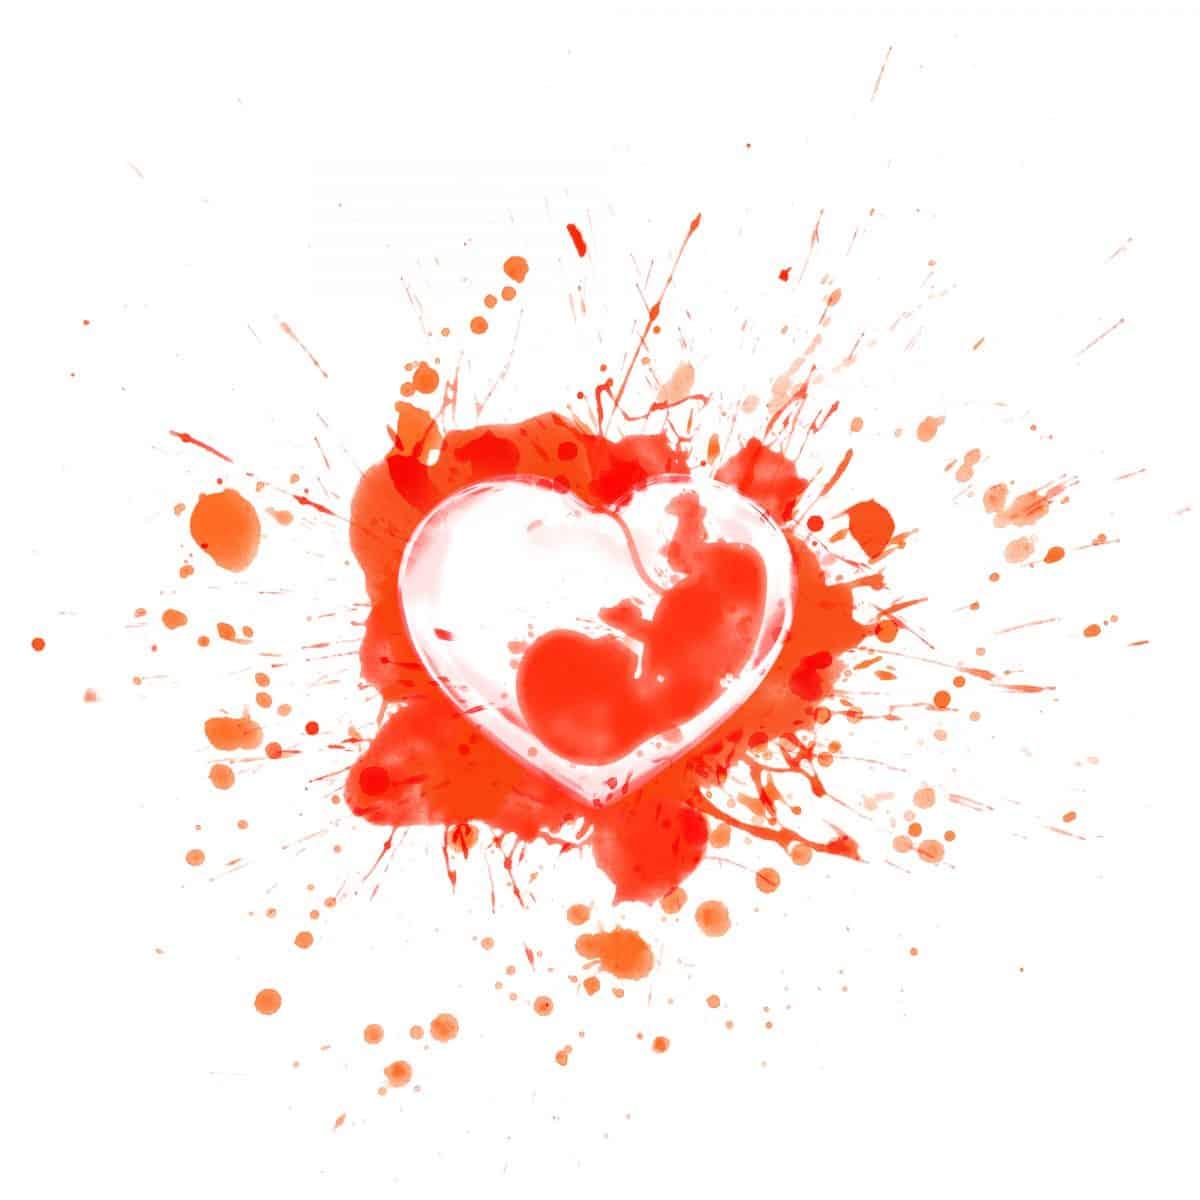 Krew pępowinowa - dlaczego warto ją pobrać i przechowywać?